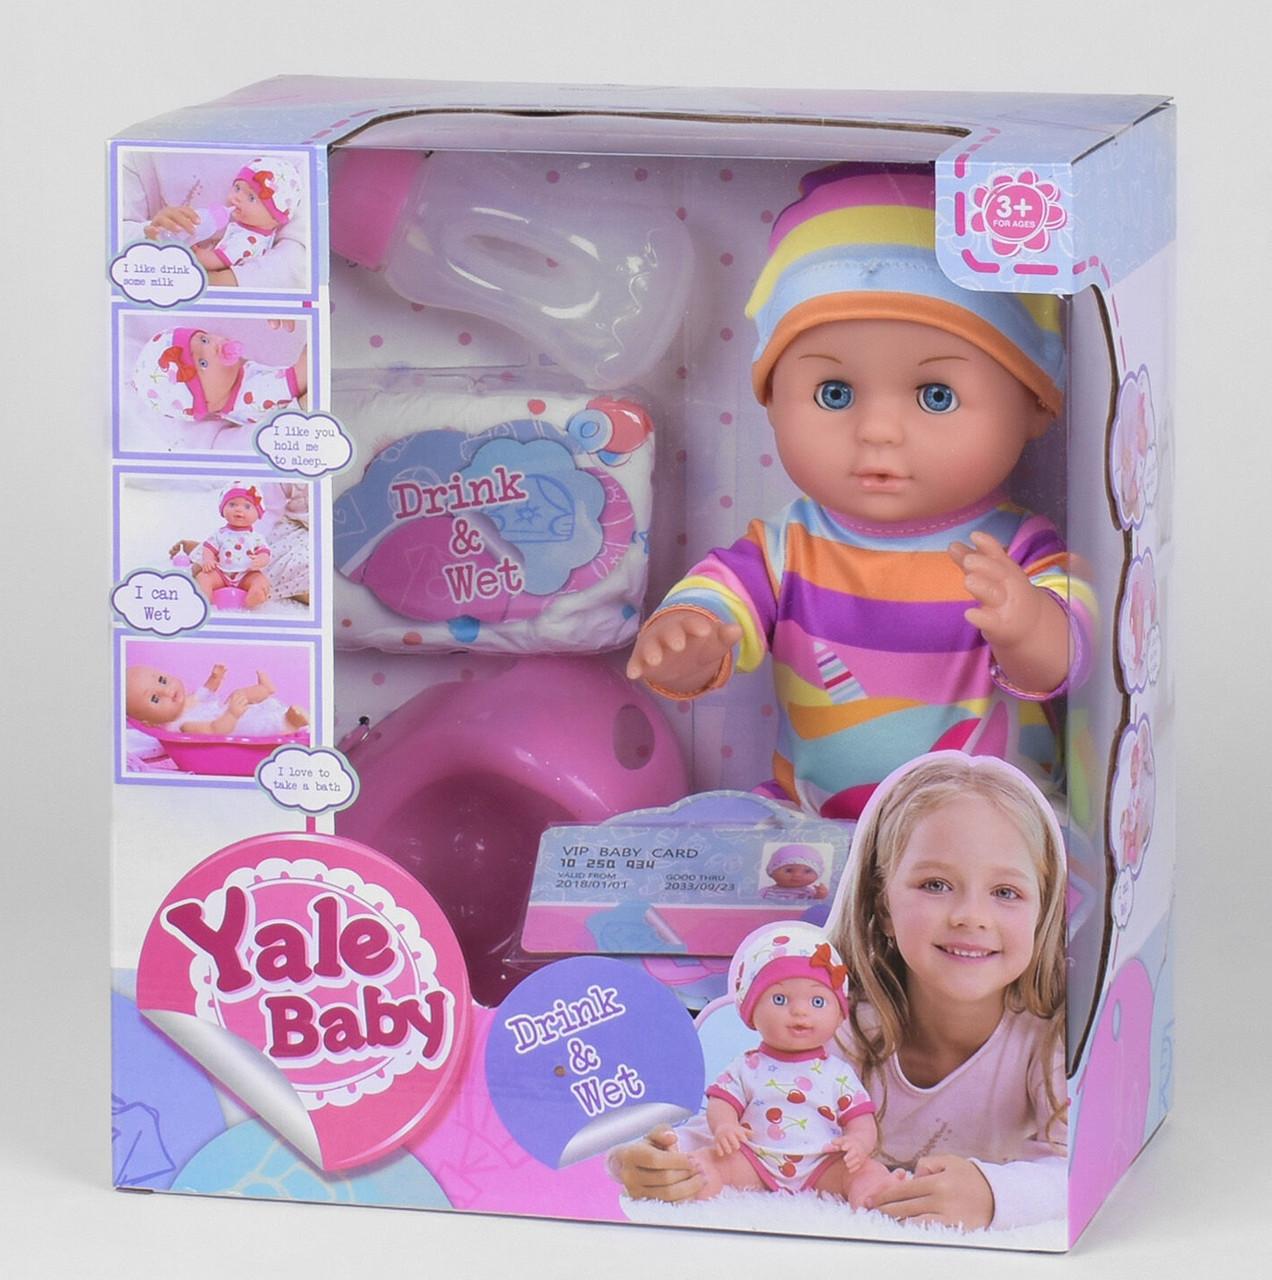 Пупс функциональный Yale Baby кушает, ходит в туалет, с аксессуарами, в коробке